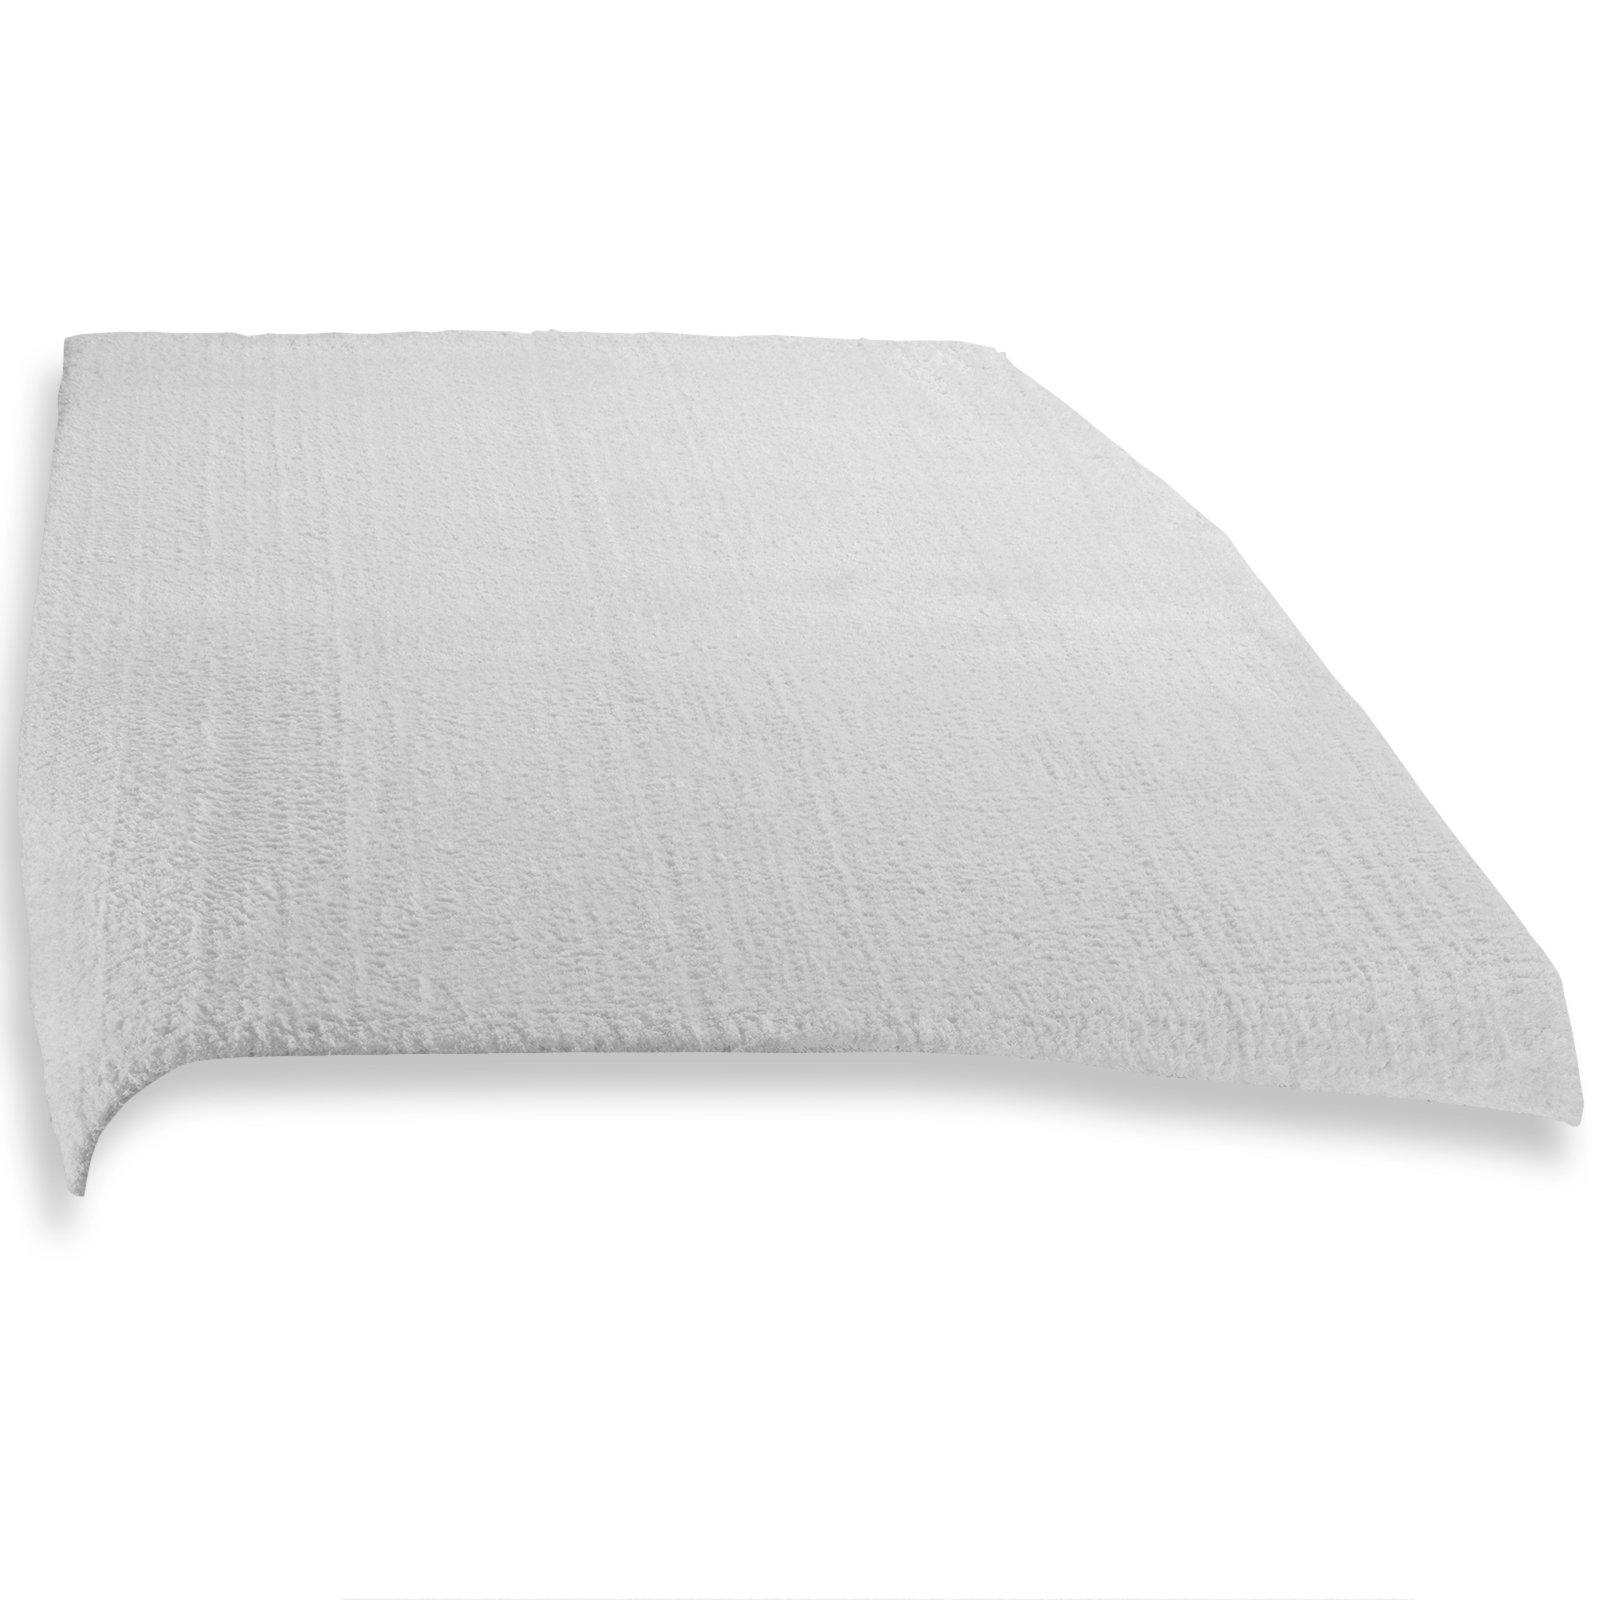 teppich tiara wei 80x150 cm einfarbige teppiche teppiche l ufer deko haushalt. Black Bedroom Furniture Sets. Home Design Ideas